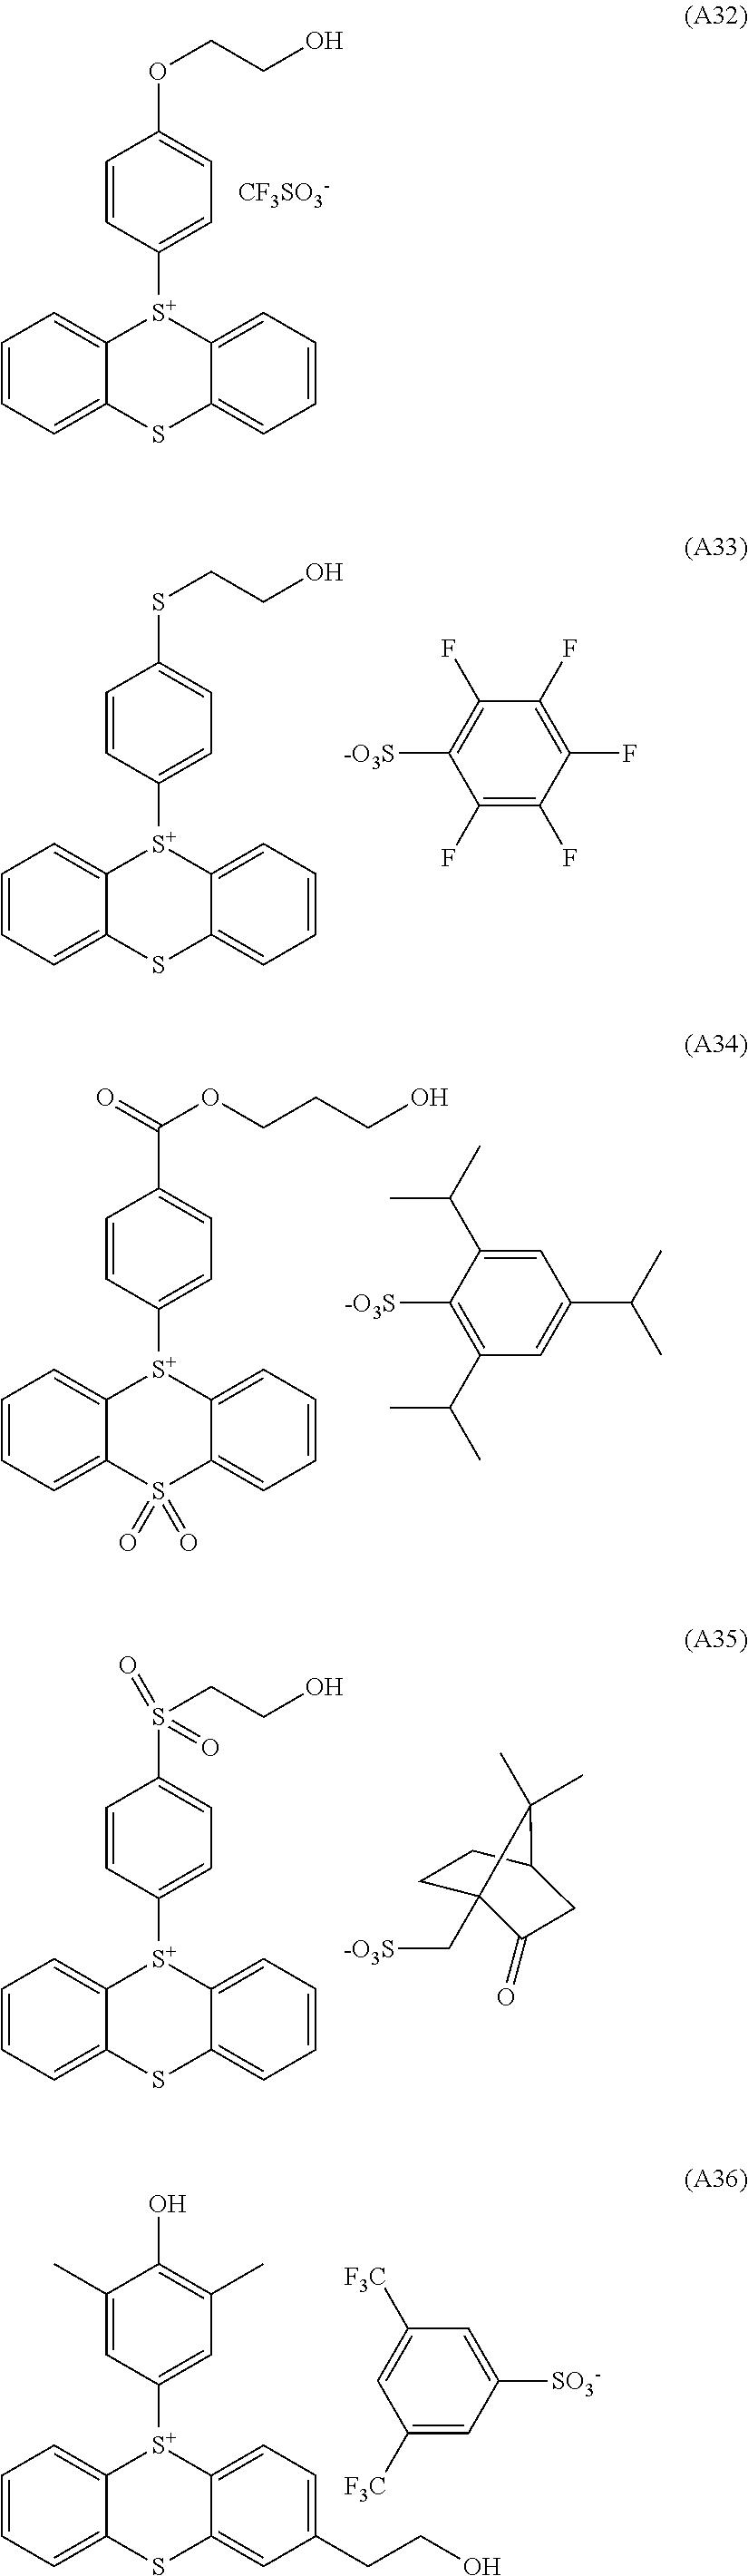 Figure US20110183258A1-20110728-C00028